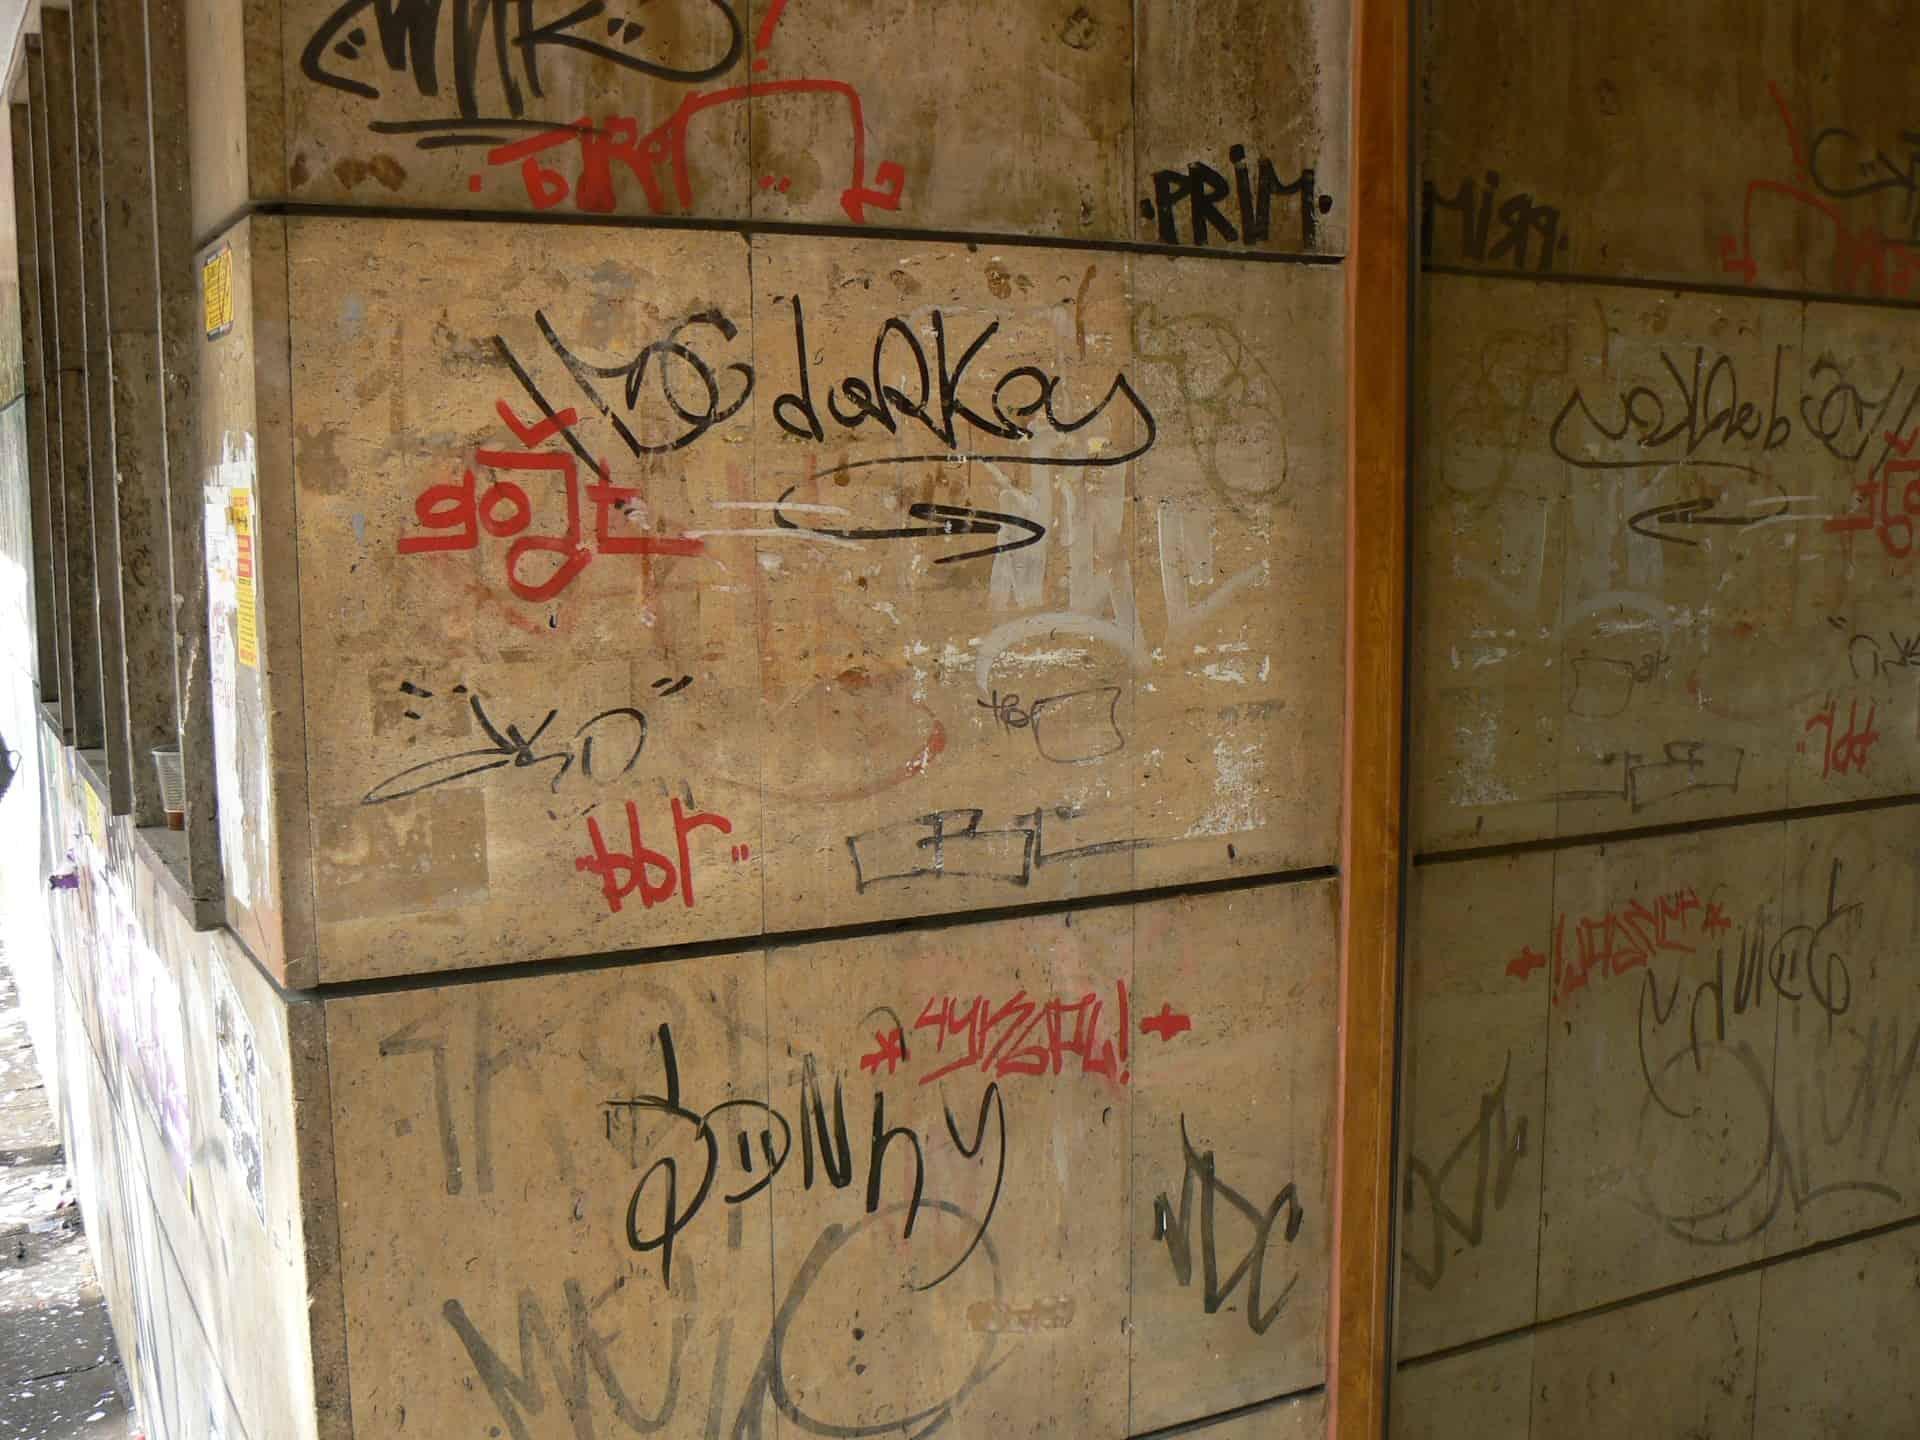 Graffitibeseitigung und Graffitischutz 3